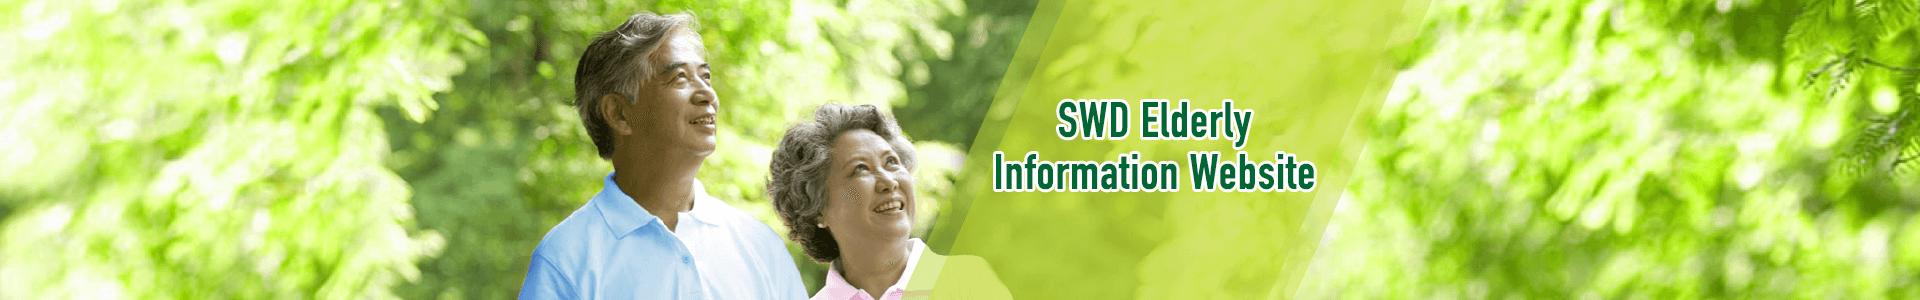 SWD Elderly Information Website